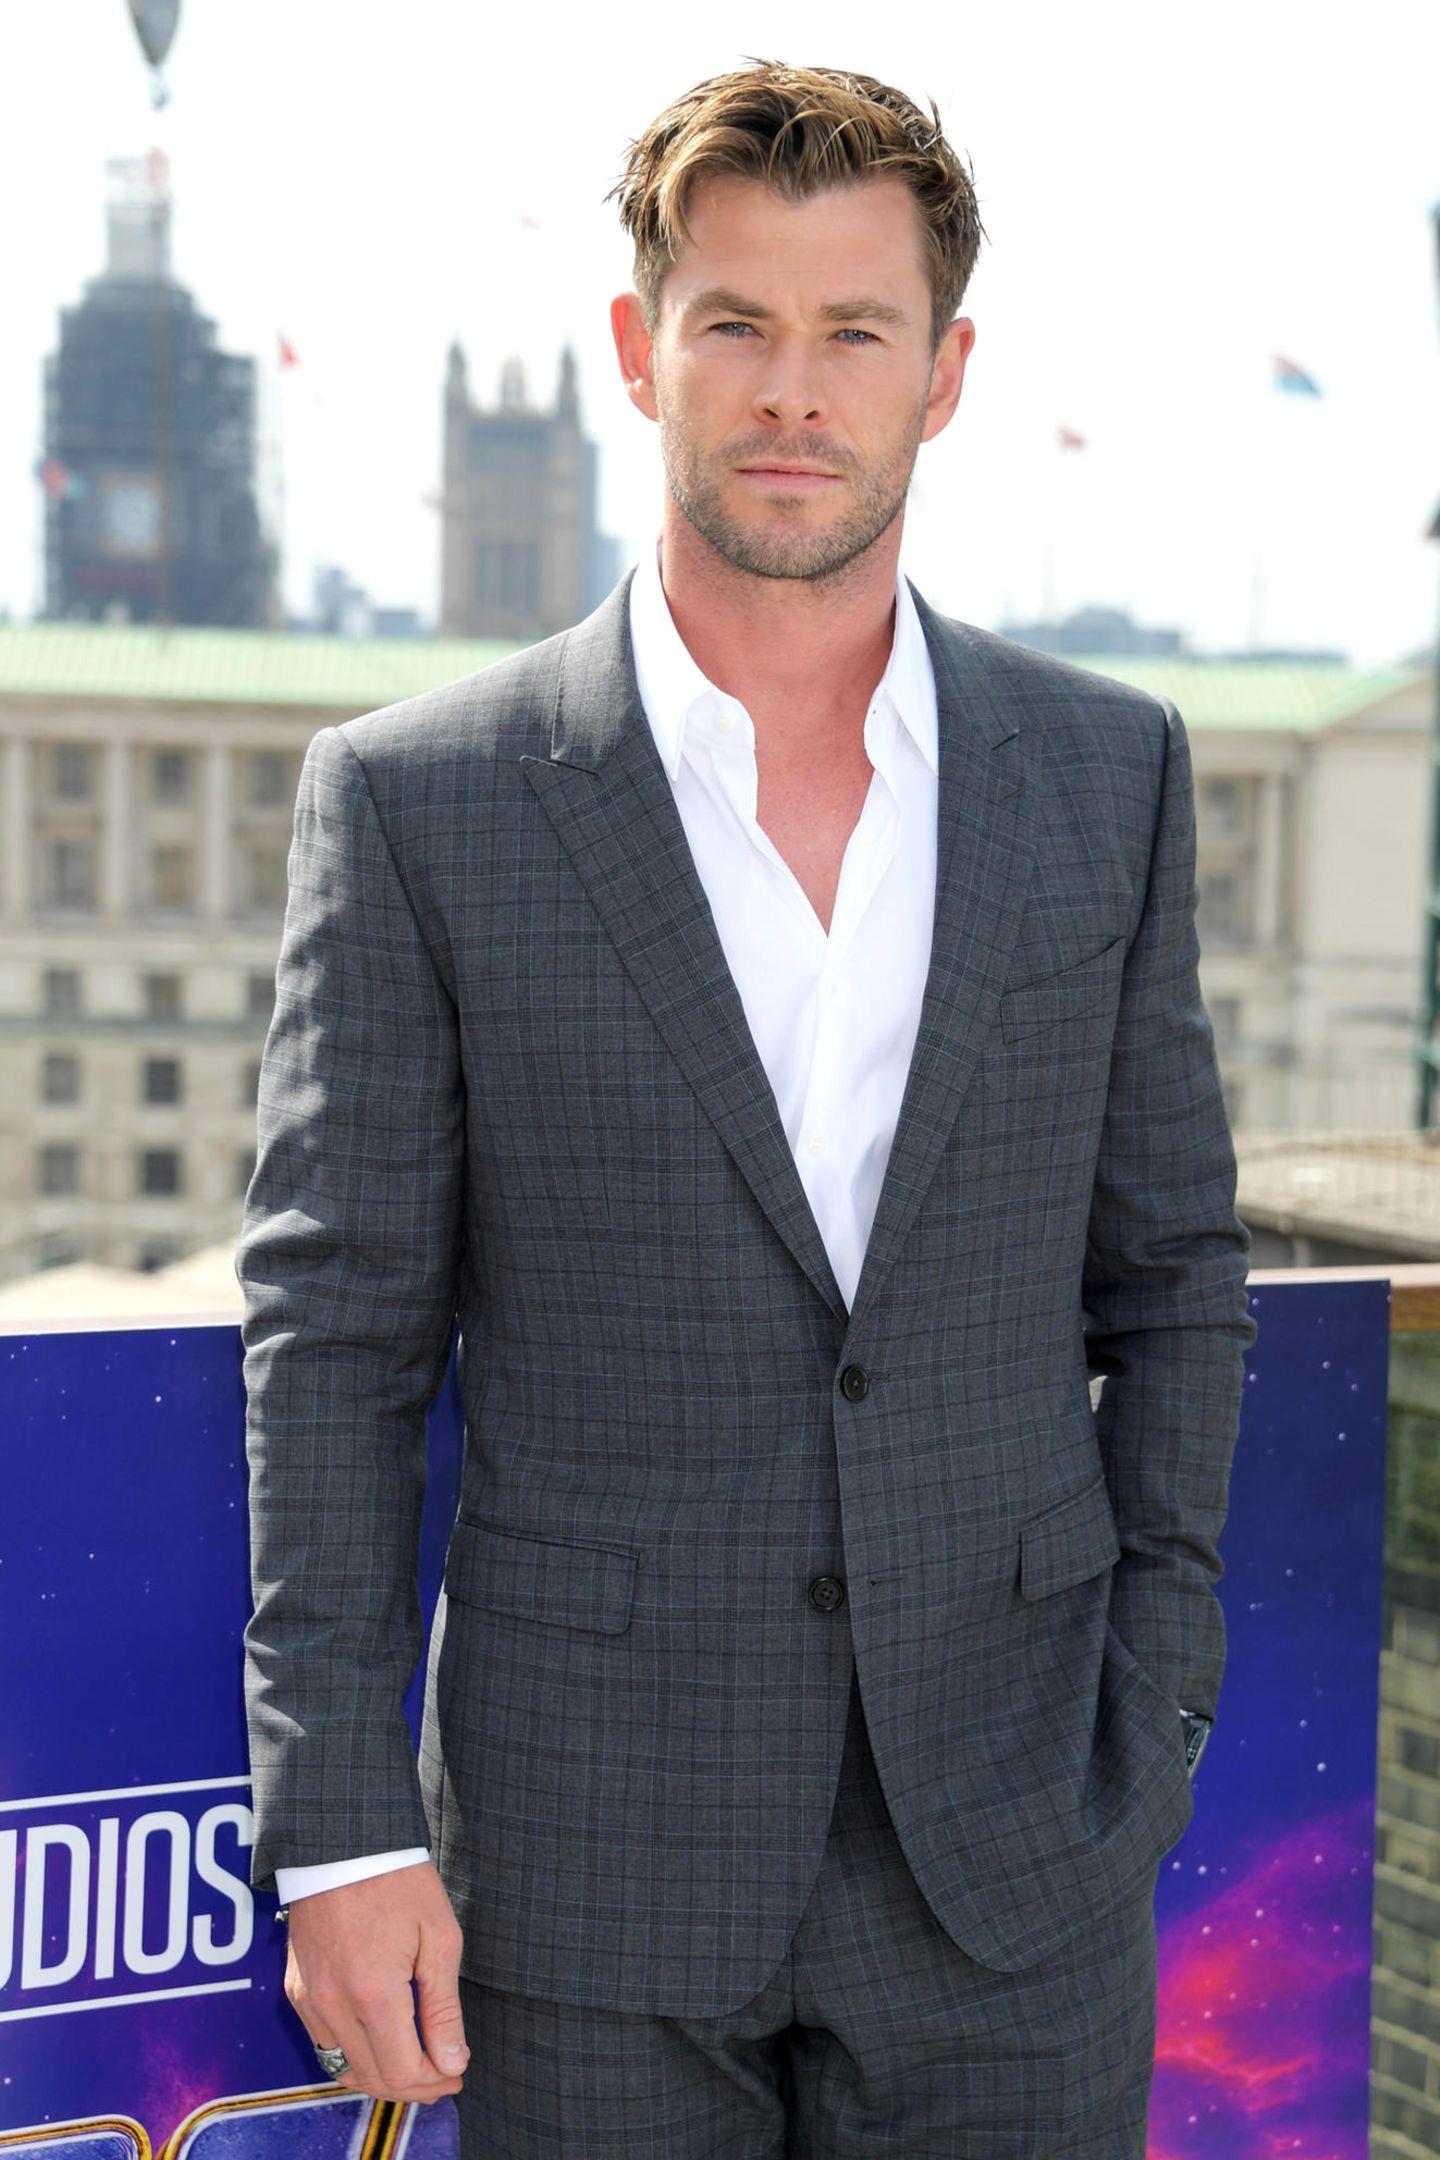 """Unglaublich, womit Chris Hemsworth sich vor seiner Karriere als Schauspieler sein Taschengeld verdient hat: Der heutige """"Avengers""""-Star reinigte einst Milchpumpen. Das enthüllte der Australier in der """"Tonight Show"""": """"Mein erster Job war es, Milchpumpen sauber zu machen"""", so Hemsworth zu Jimmy Fallon. """"Ich habe sie manchmal auch repariert"""", erzählte der """"Thor""""-Darsteller weiter. """"An jeder Pumpe gibt es einen Motor mit einem Gurt, einer ArtGummiriemen zum Ansaugen.""""Apotheken hätten die Pumpen an Mütter ausgeliehen und sie ihm anschließend mit den angetrockneten Milchresten zum Reinigen gegeben. 14 Jahre alt sei er da gewesen."""